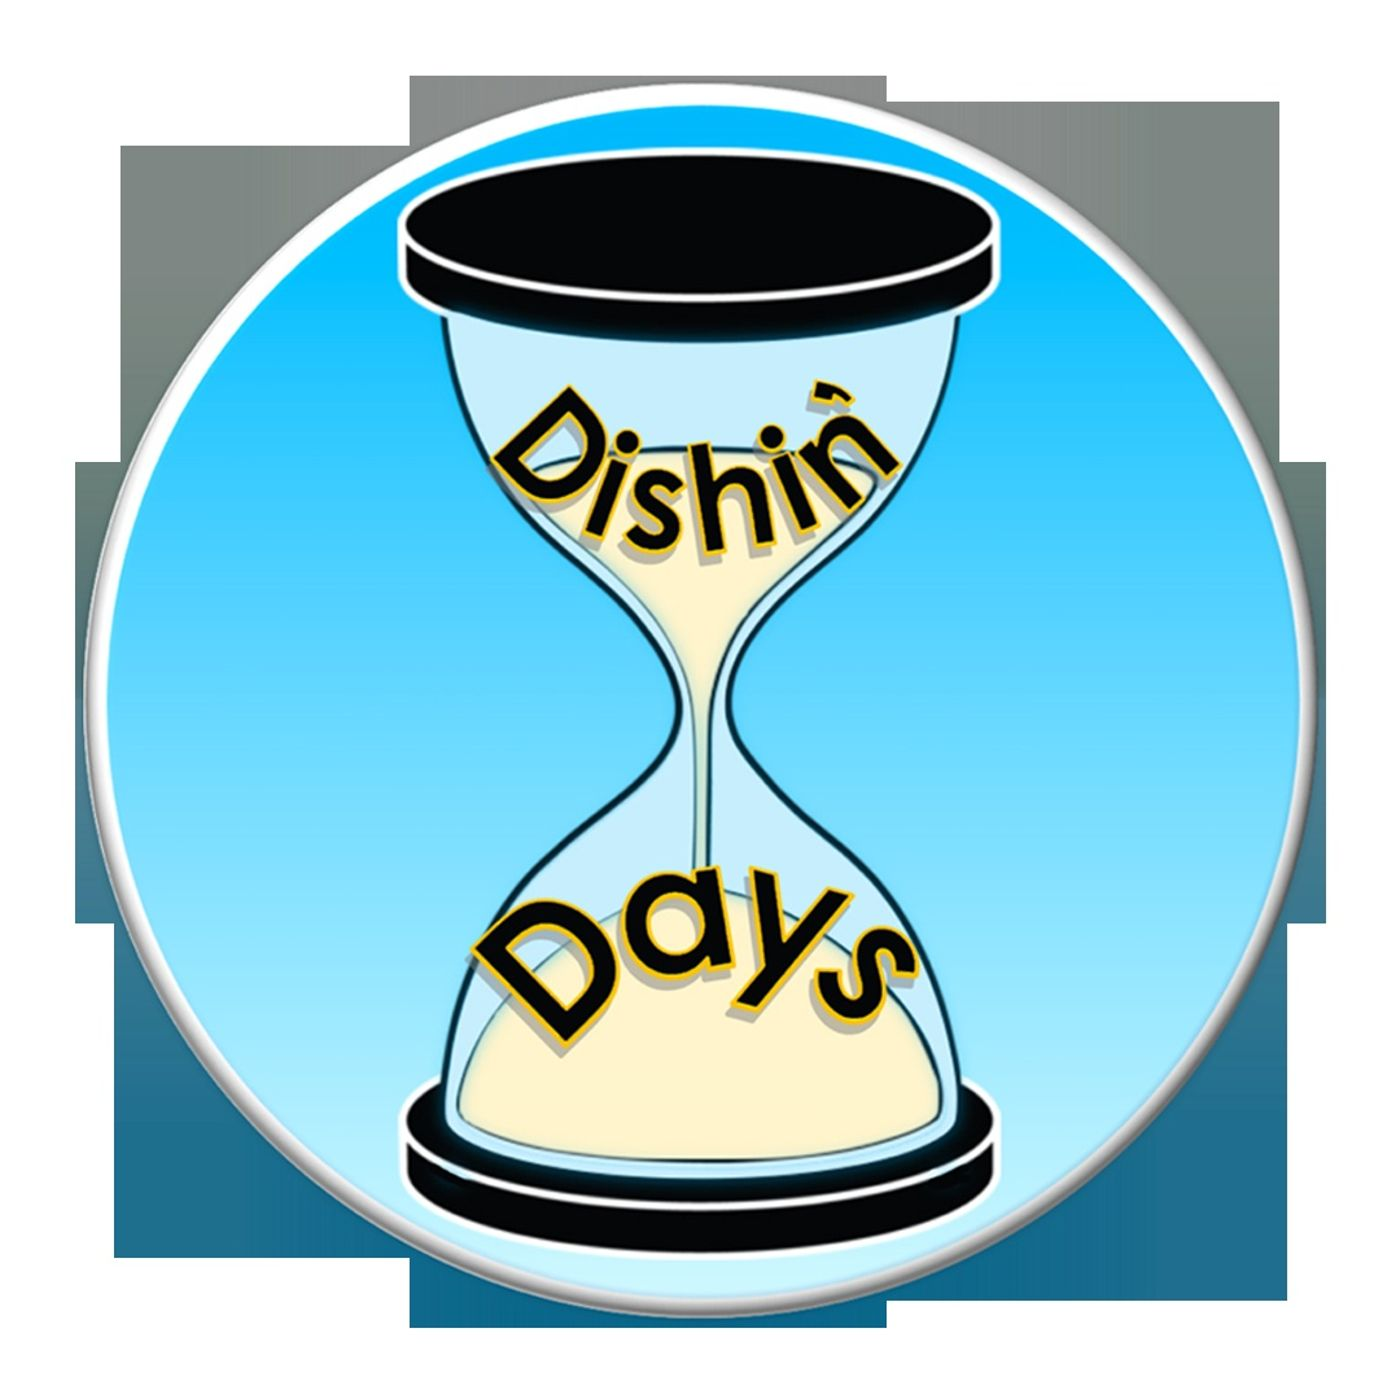 Dishin' Days